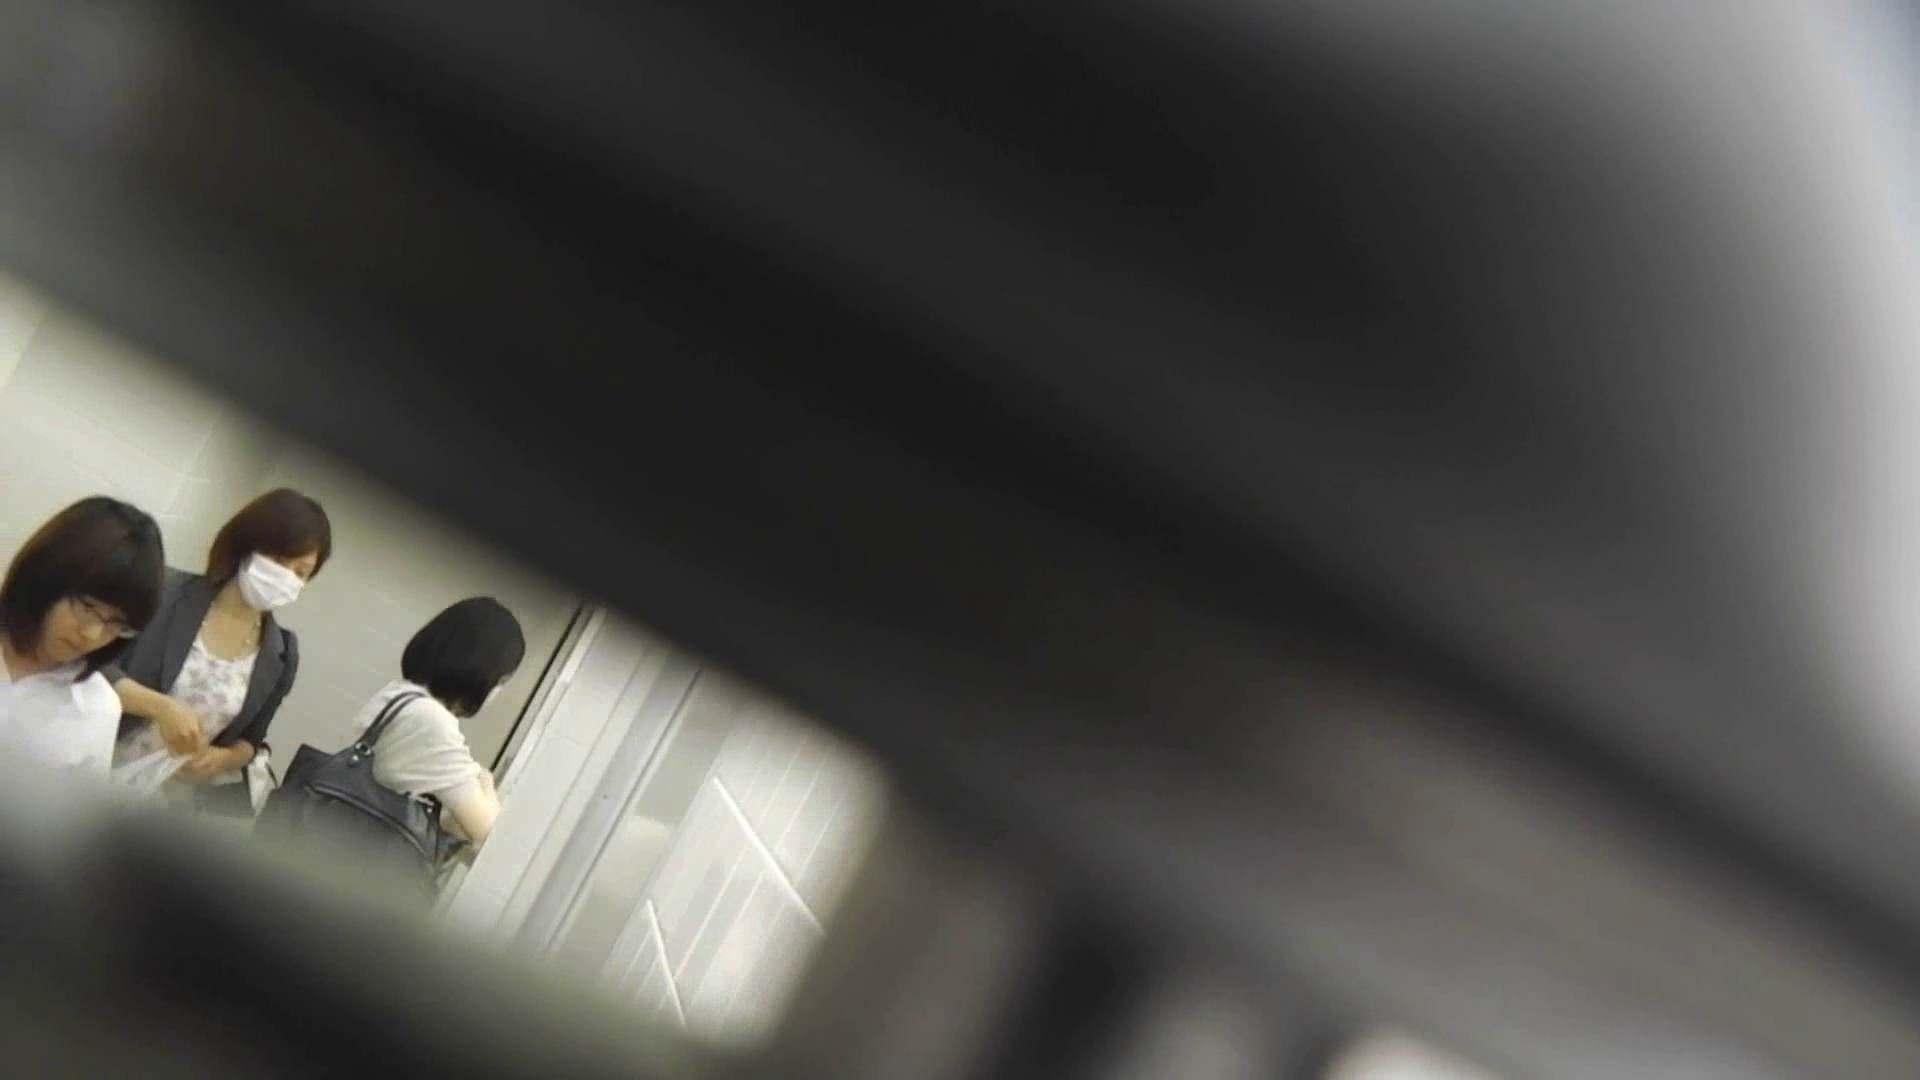 vol.25三十時間潜り、一つしか出会えない完璧桃尻編 byお銀 いやらしいOL のぞき動画キャプチャ 96連発 70